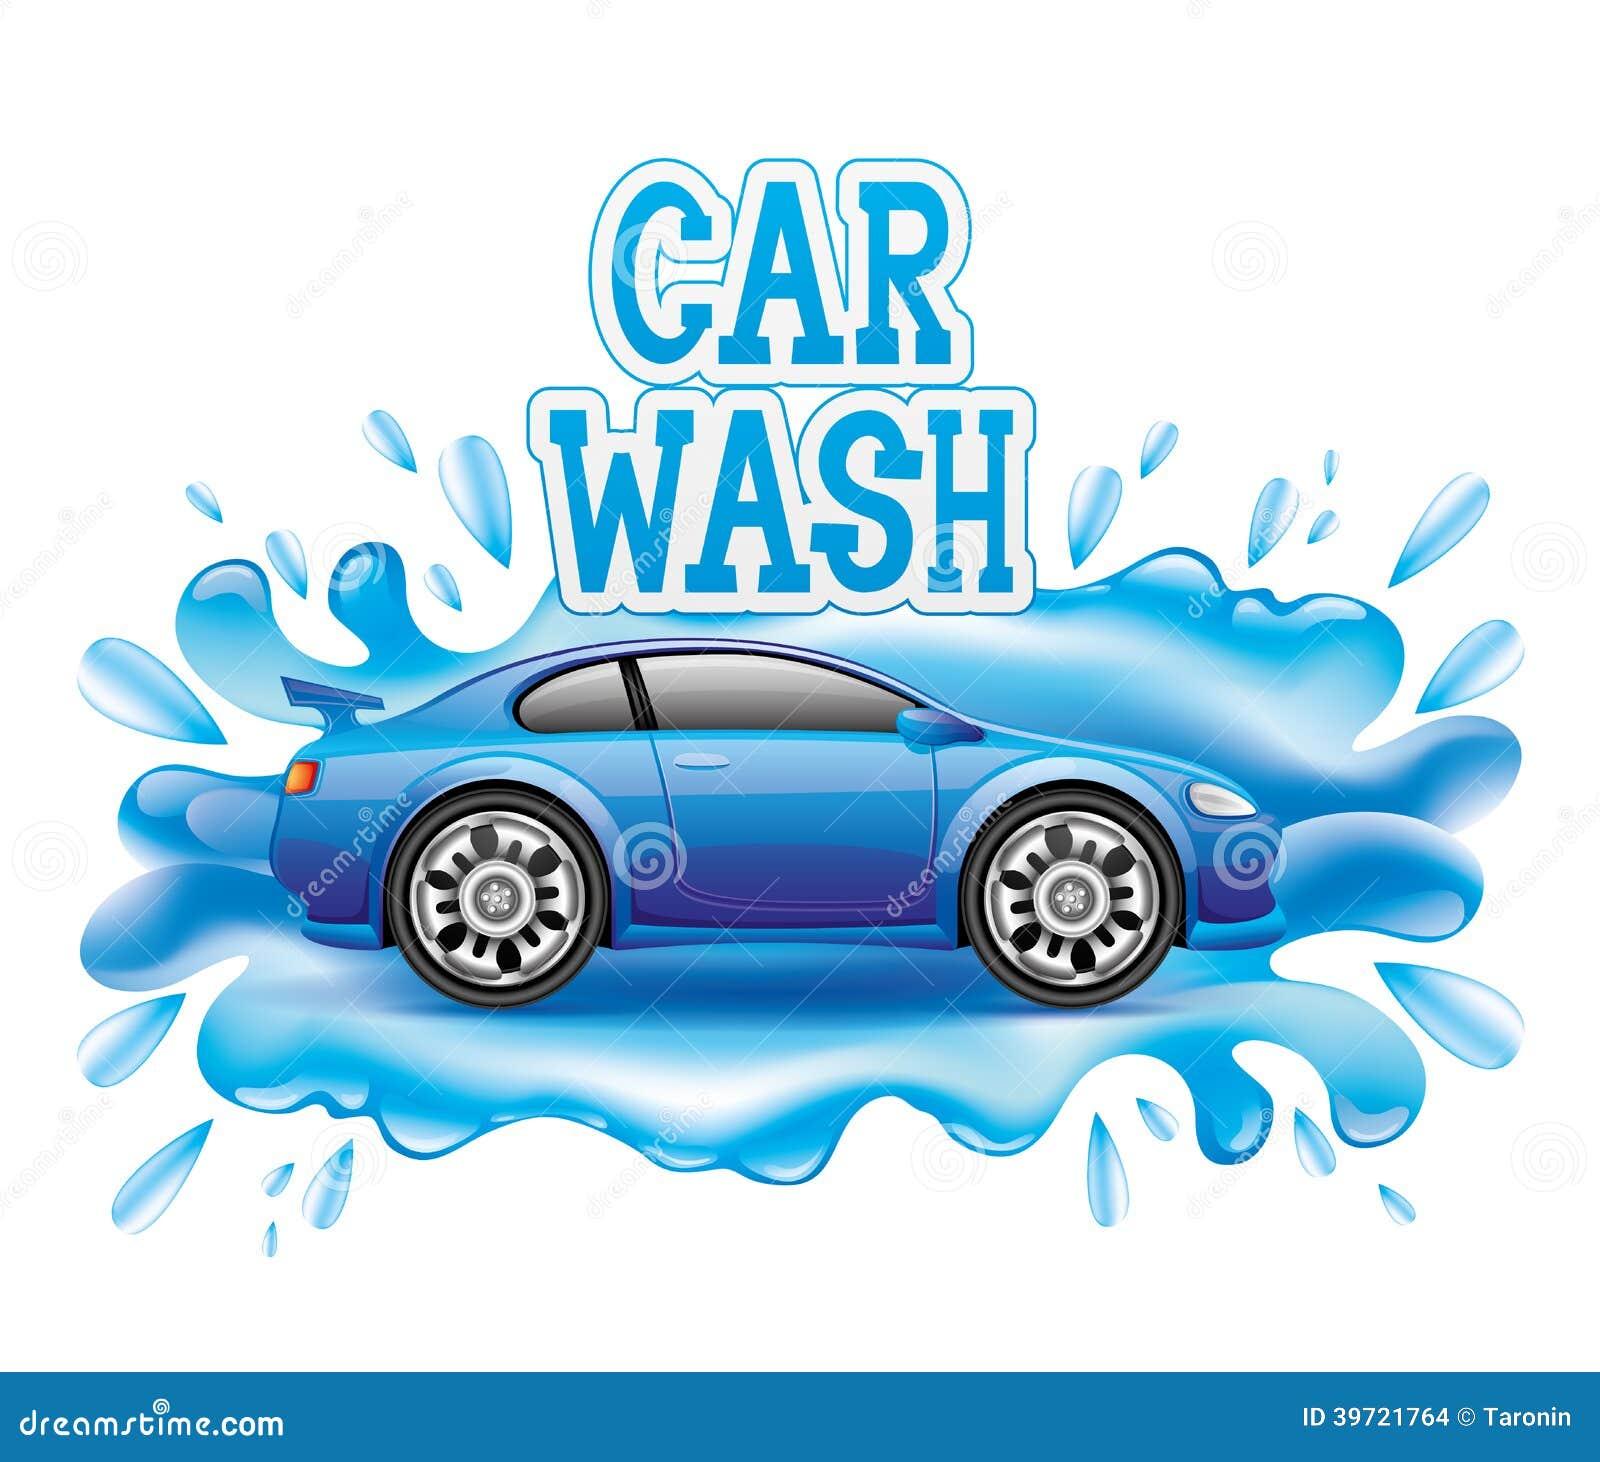 Car Wash Vinyl Graphics